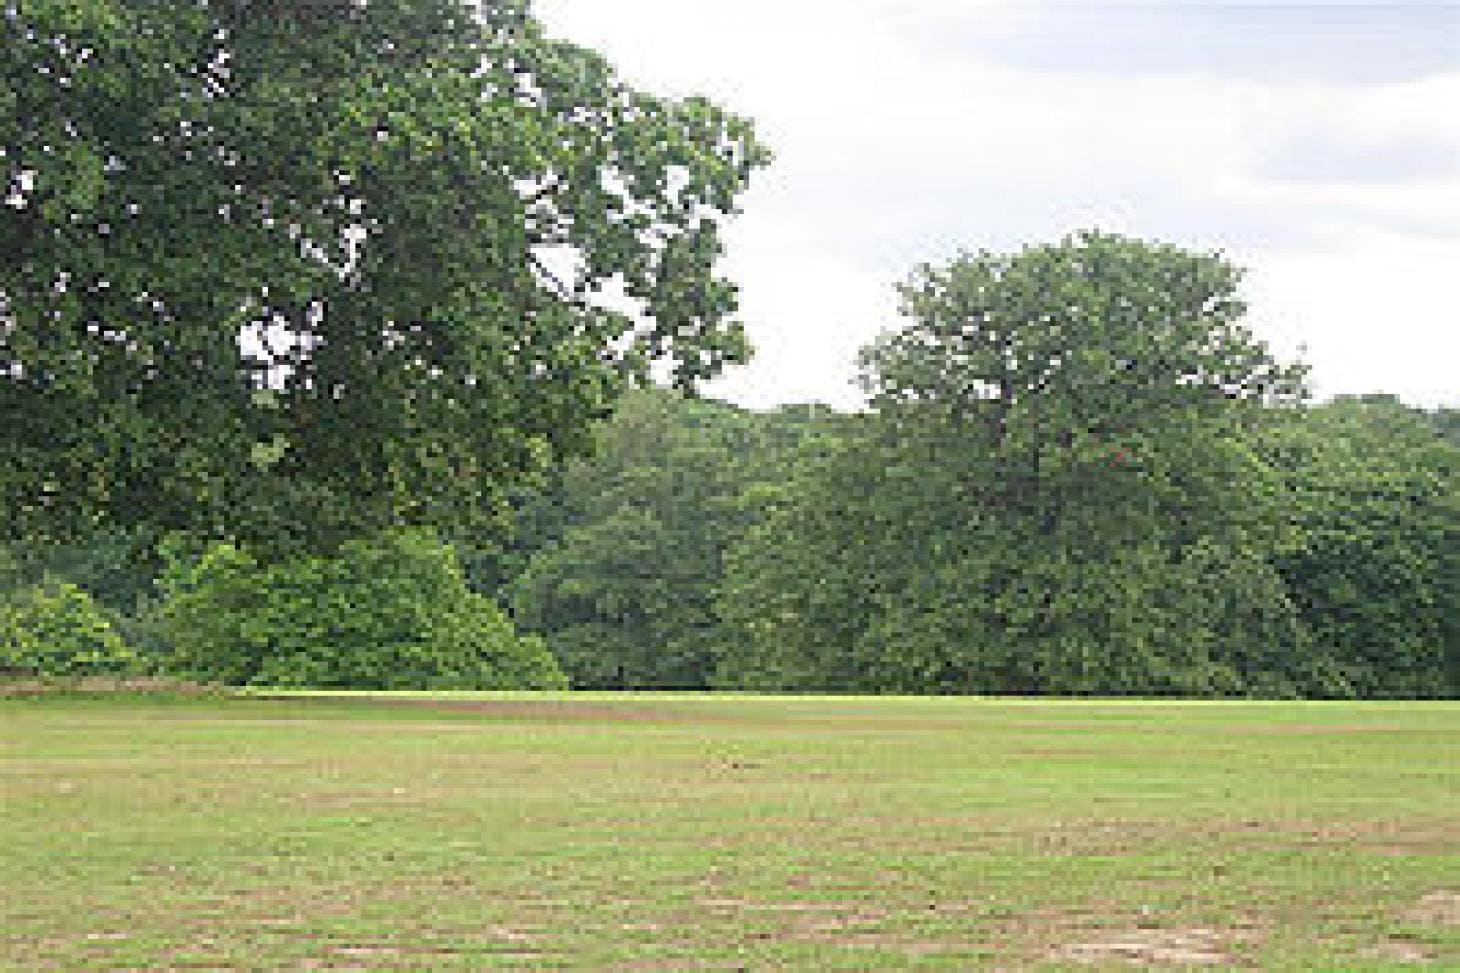 Grovelands Park Outdoor | Hard (macadam) tennis court